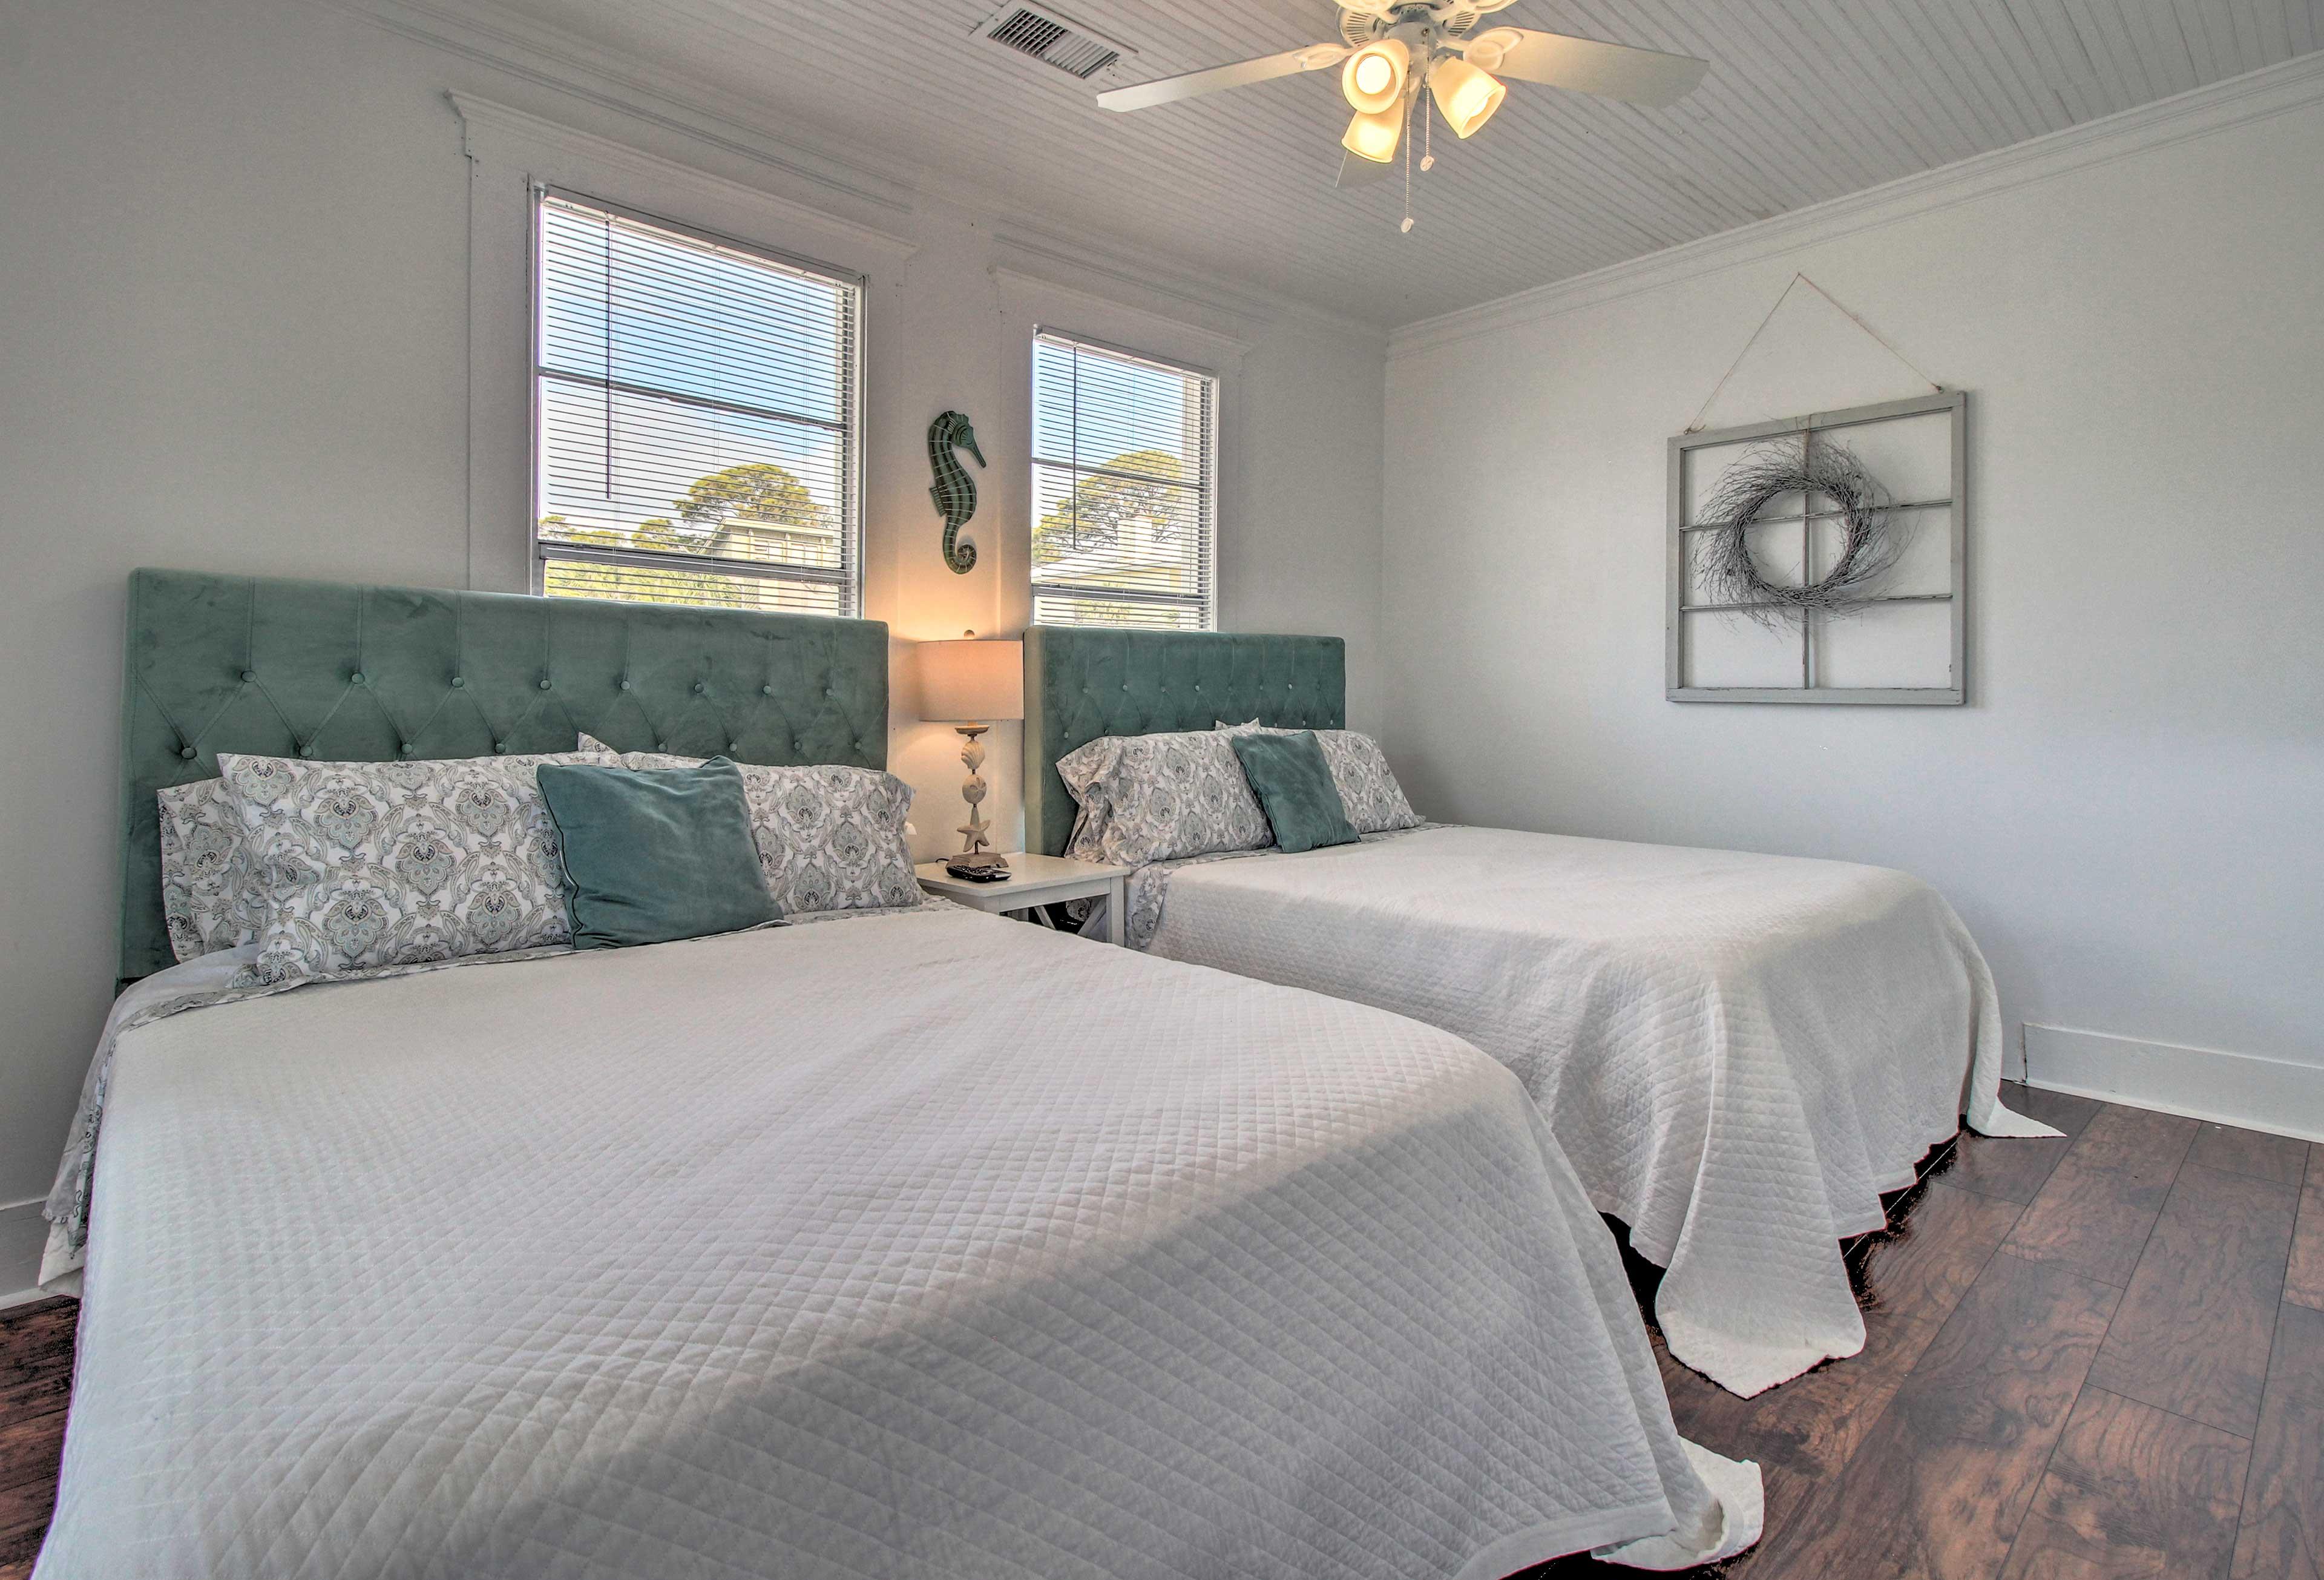 The second bedroom features 2 queen beds.